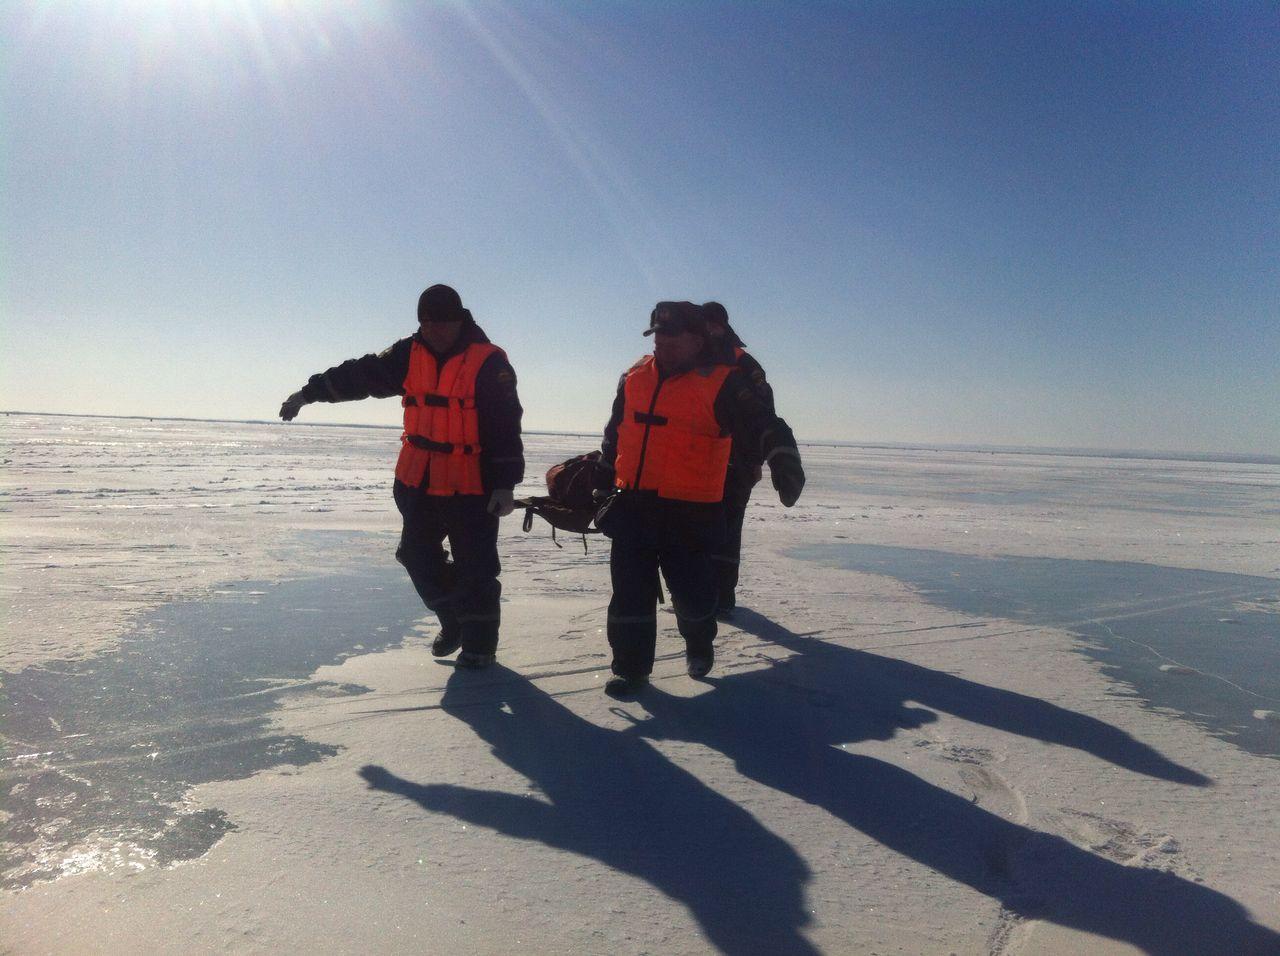 Сотрудники поисково-спасательного подразделения оказали помощь погибающему рыбаку